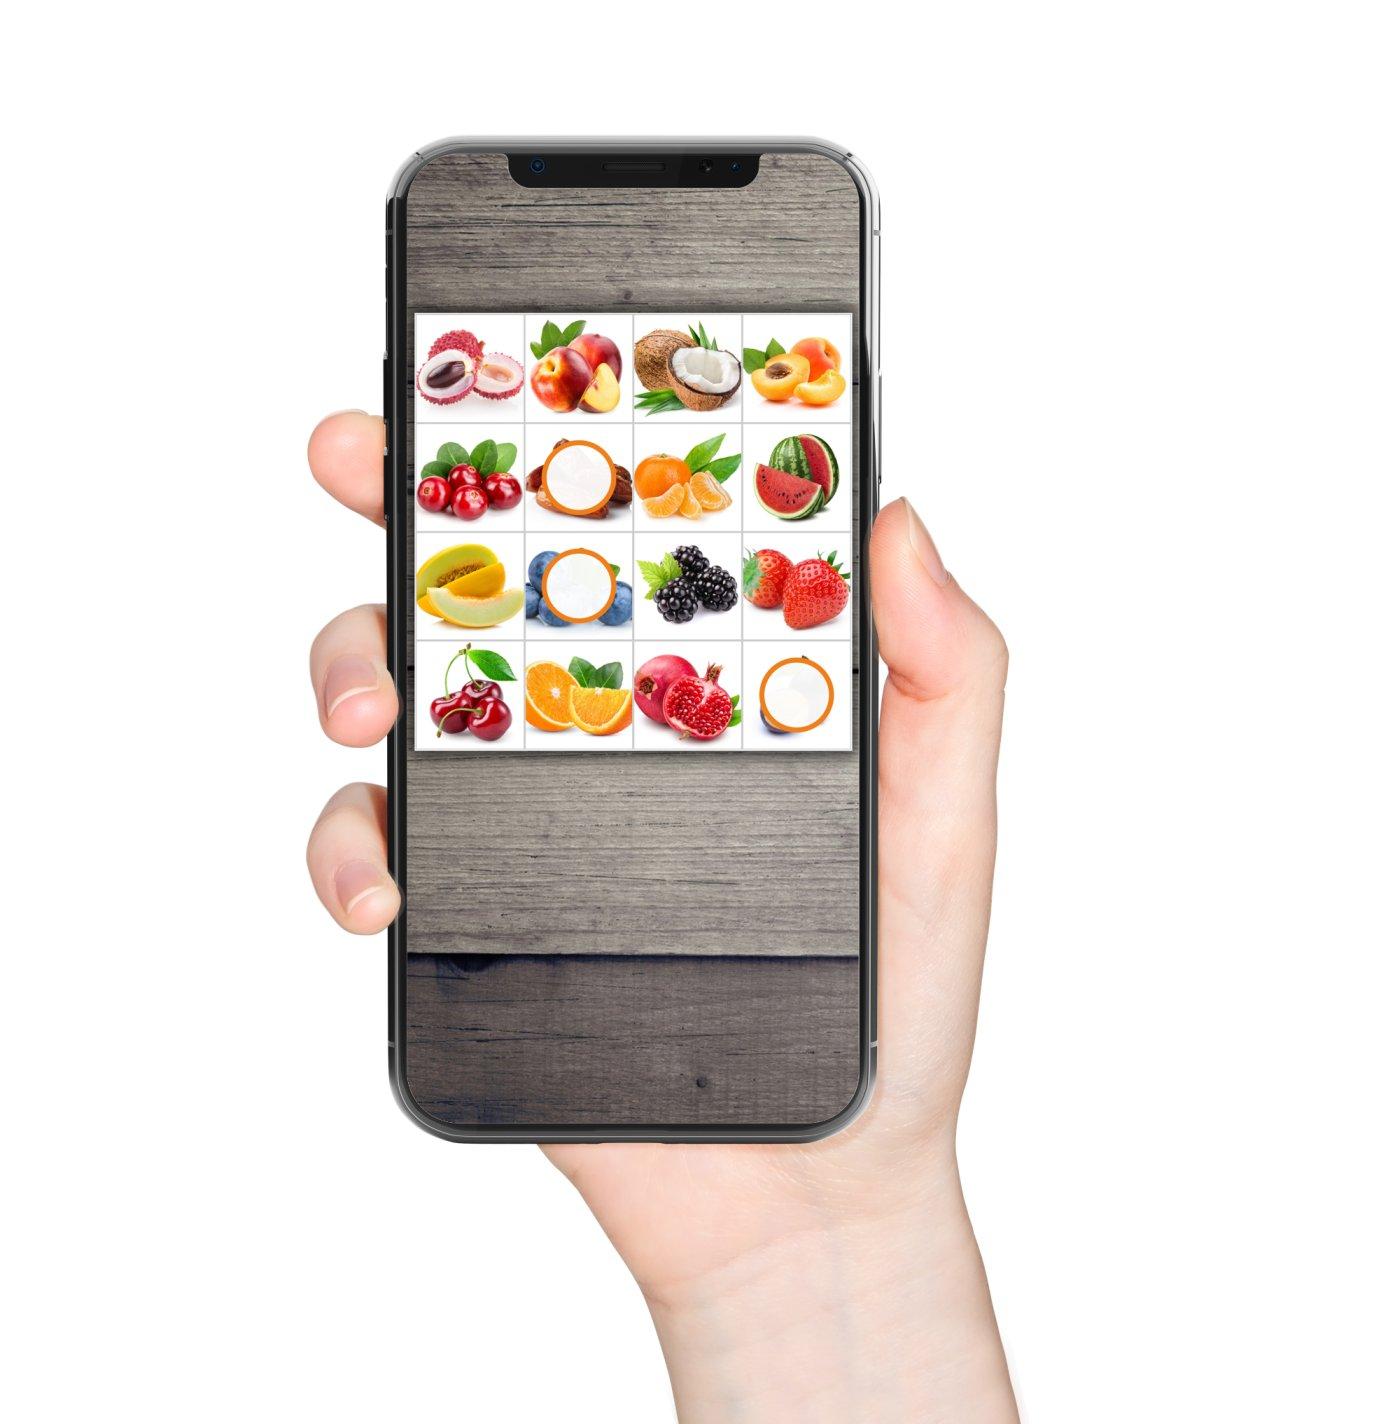 Bingo-Obst-Smartphone